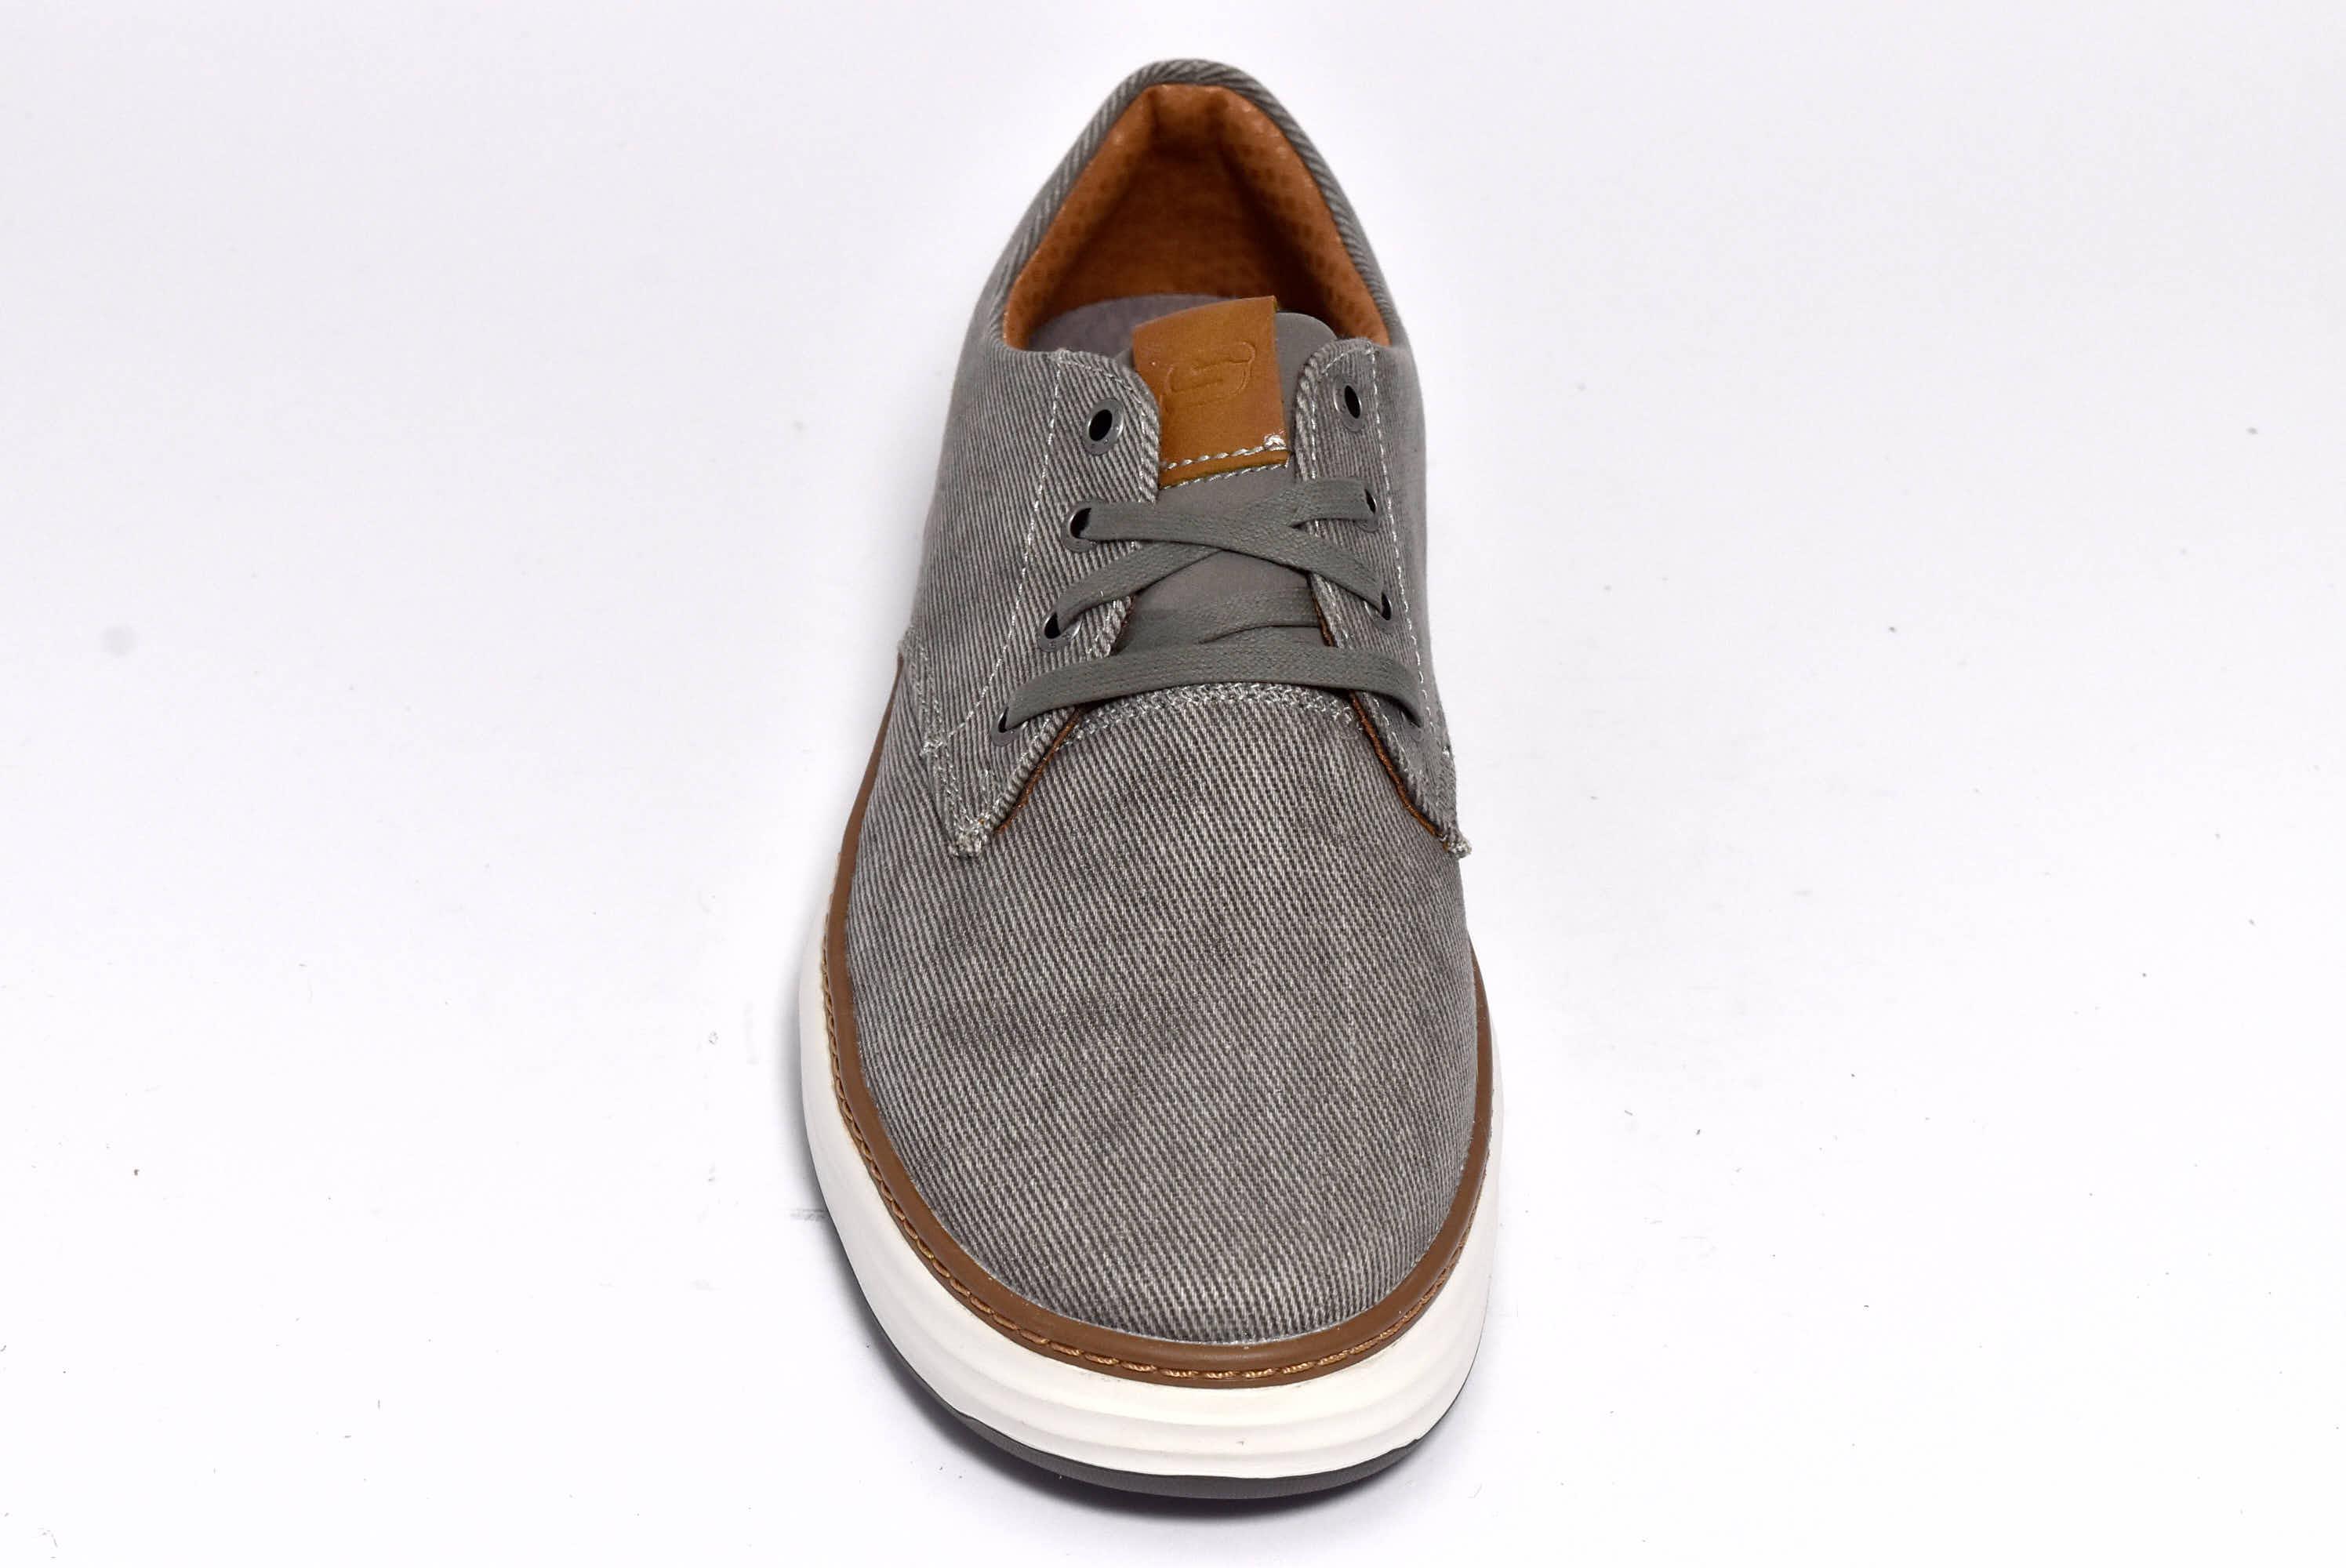 SKECHERS 65981 TPE TAUPE Sneaker Uomo | shoesmyfriends.it